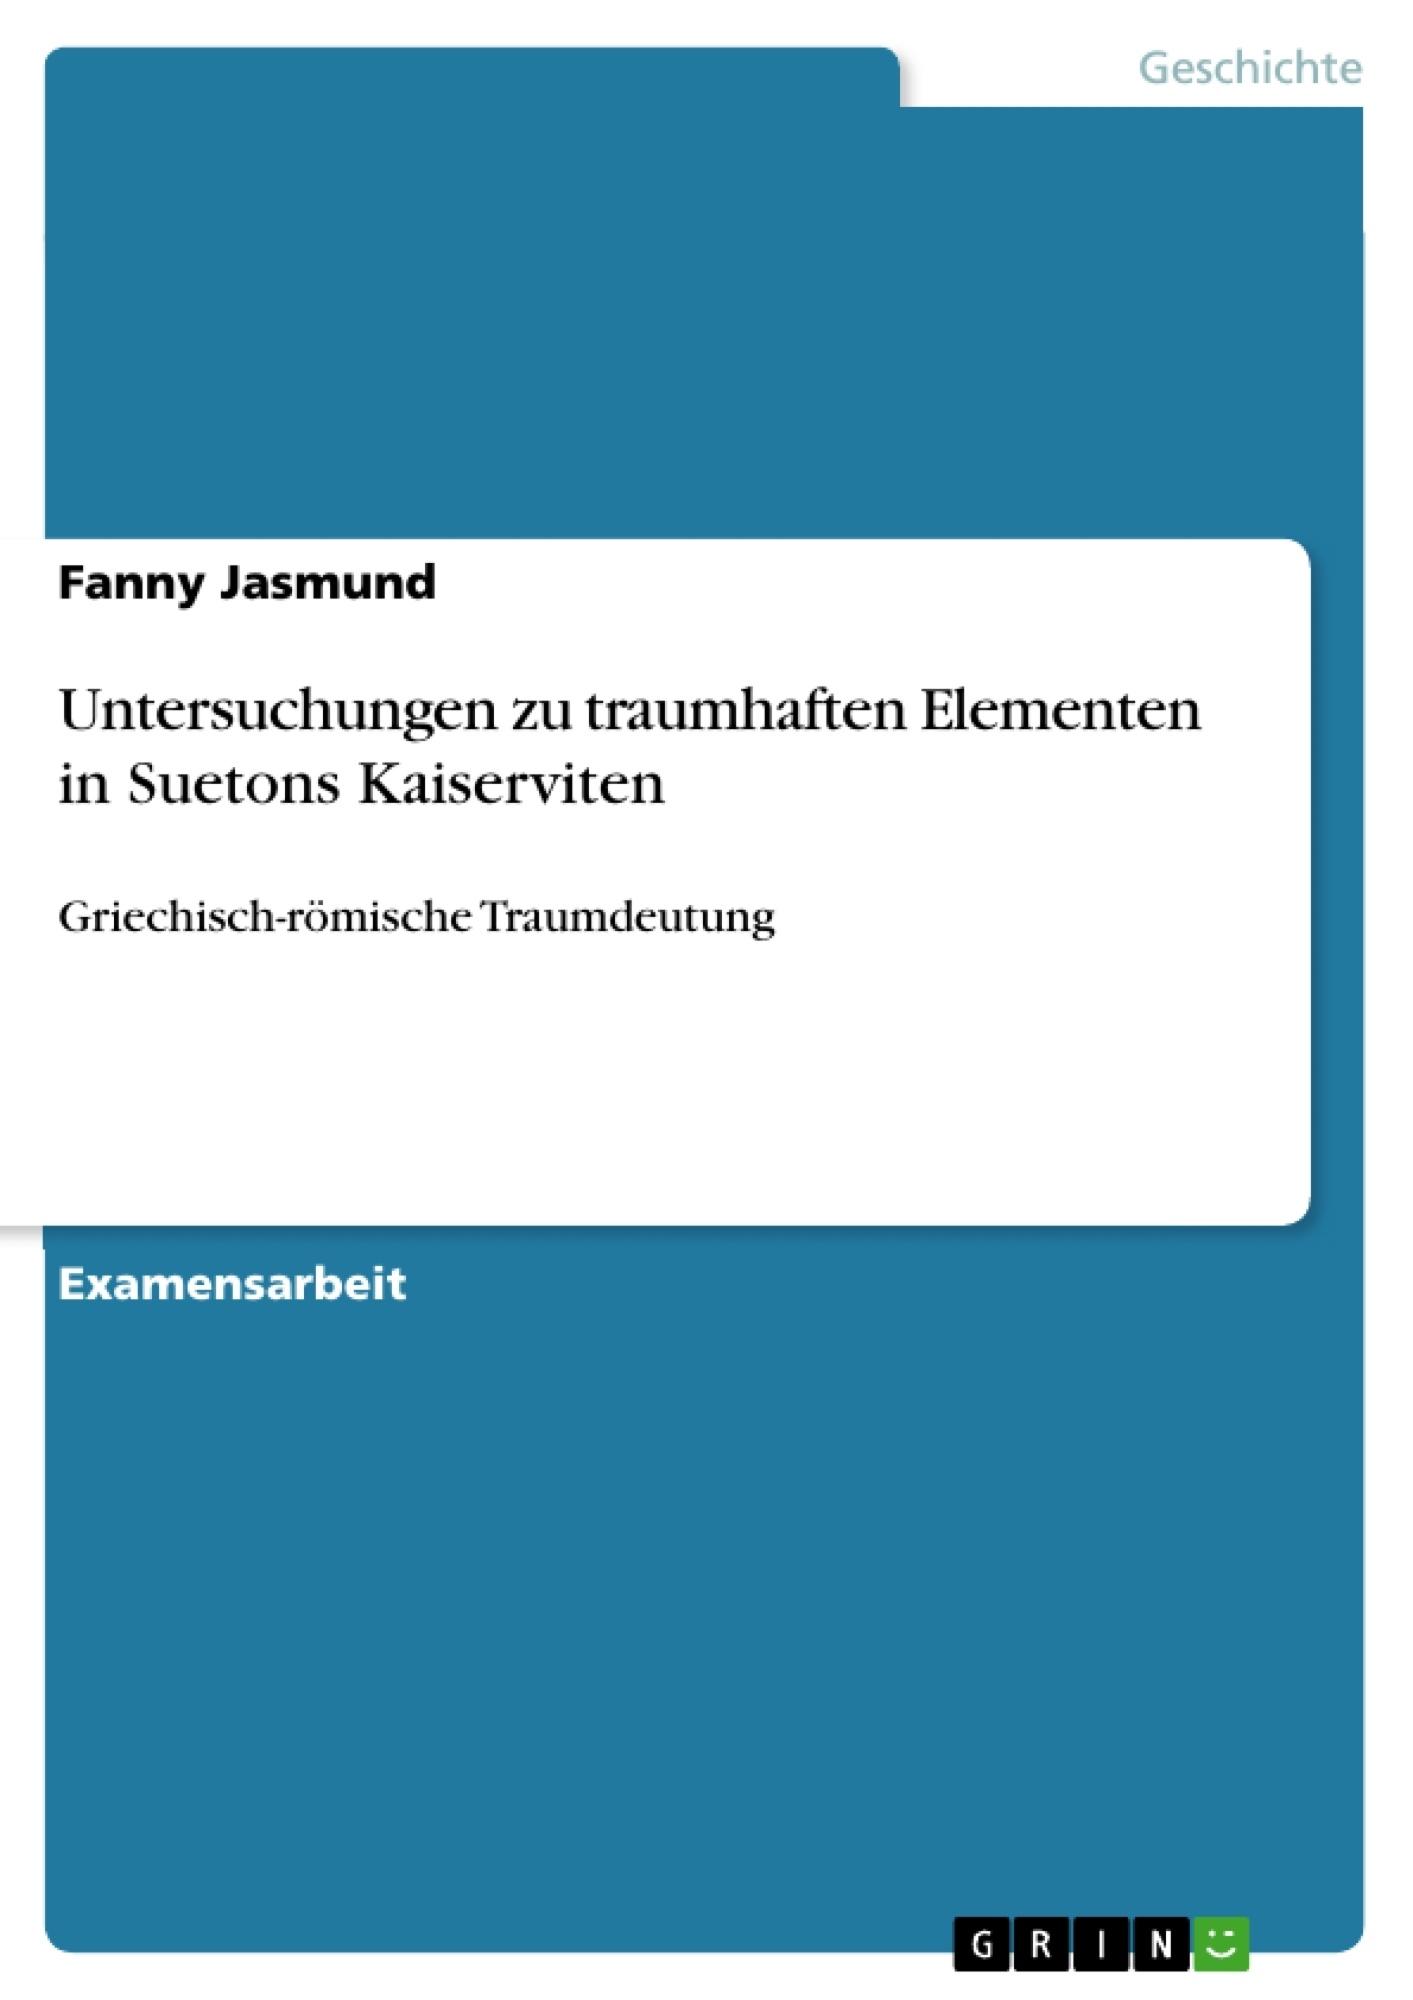 Titel: Untersuchungen zu traumhaften Elementen in Suetons Kaiserviten